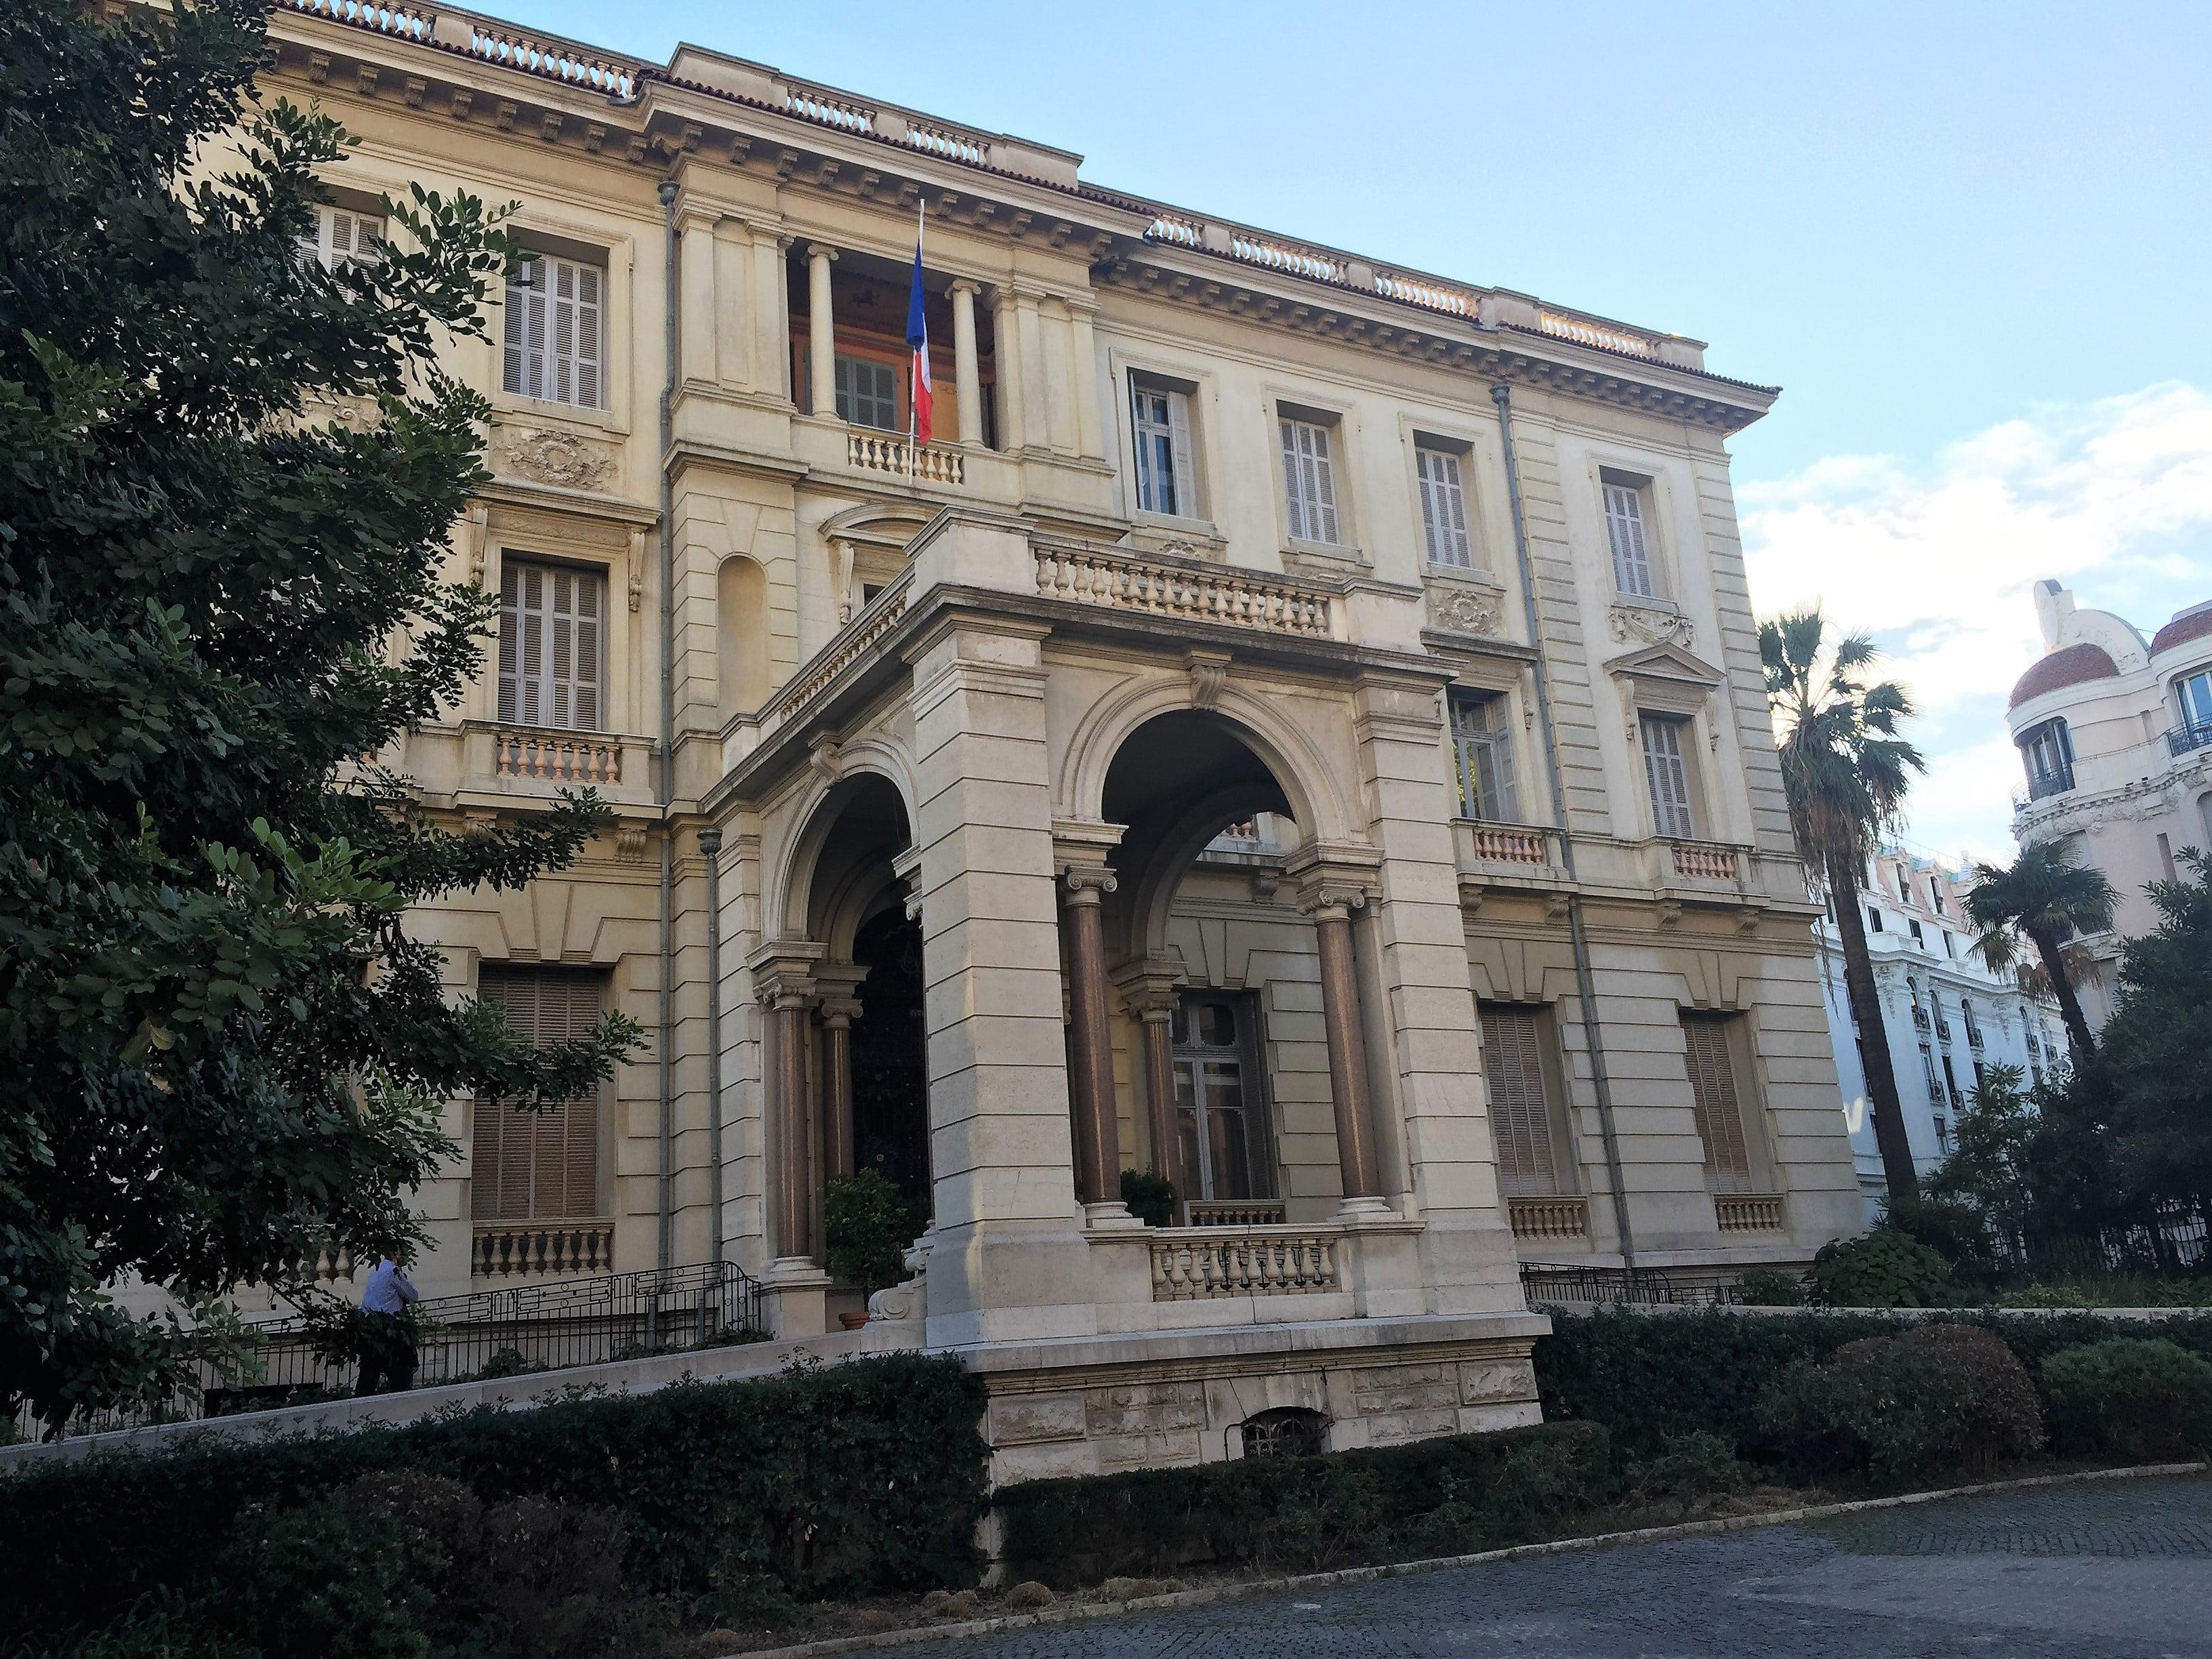 Musee Mssena